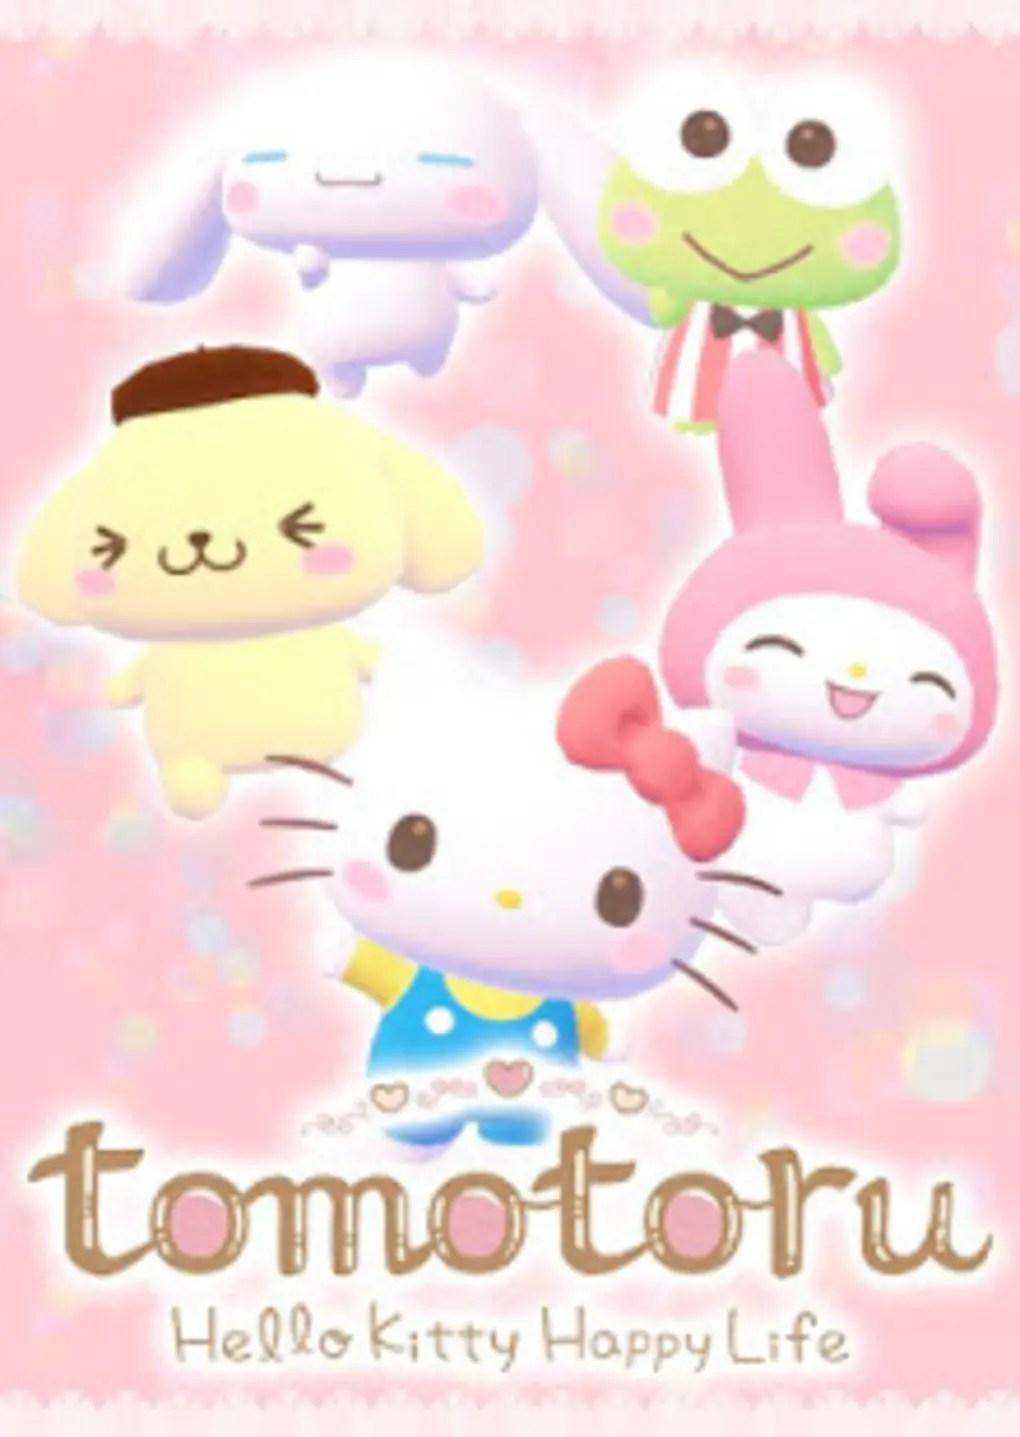 Game Salon Hello Kitty : salon, hello, kitty, Tomotoru, Hello, Kitty, Happy, Android, Download